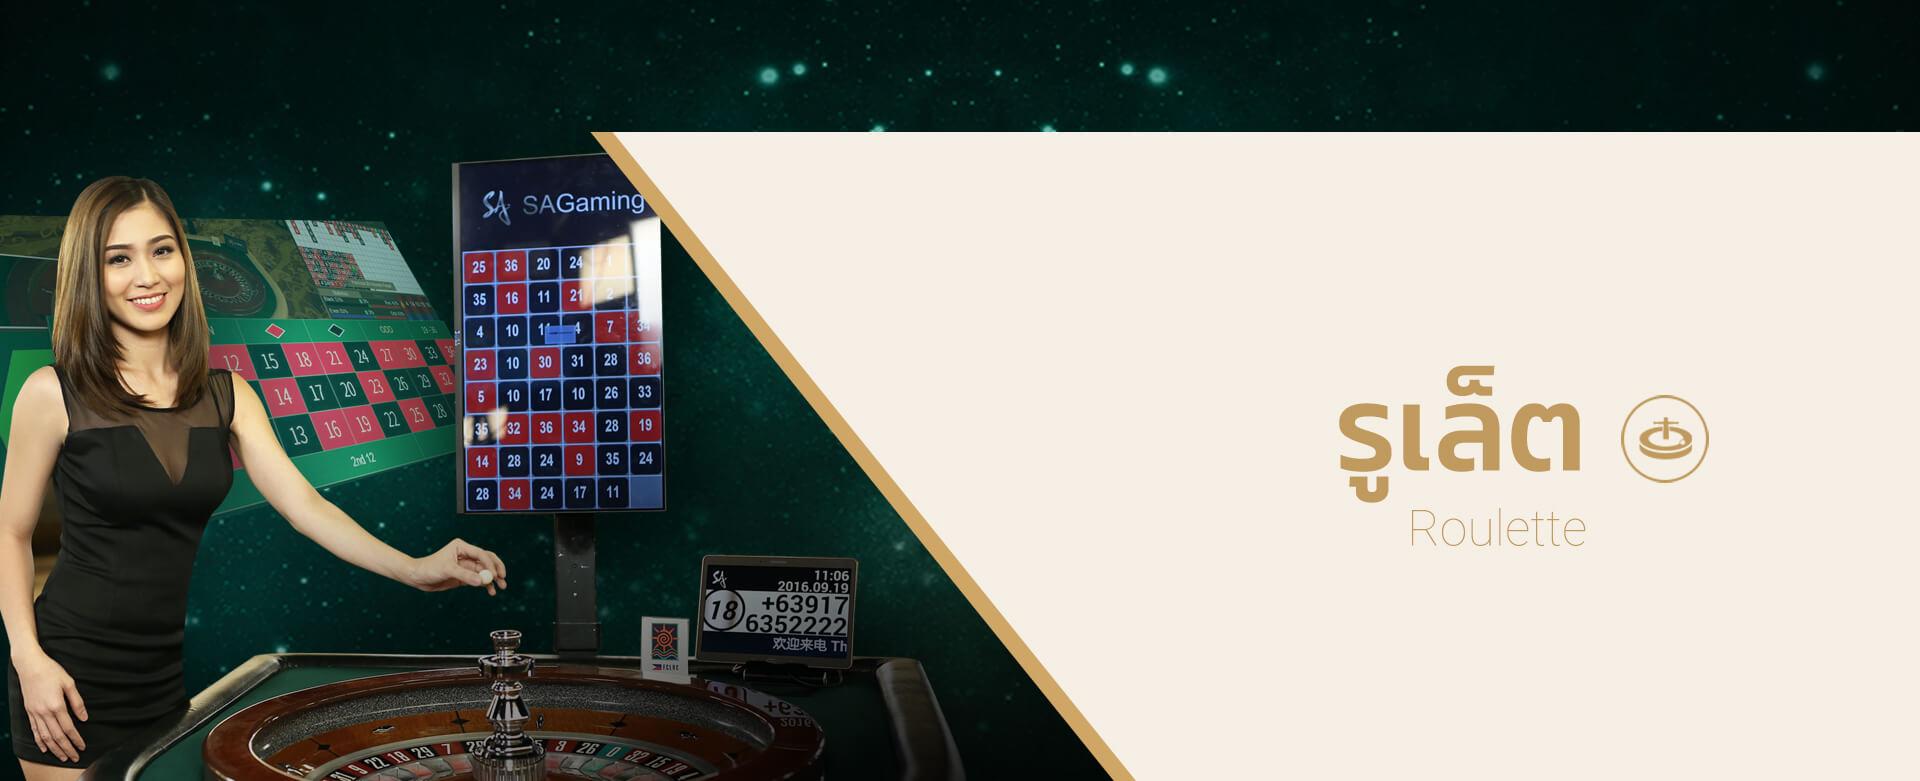 รูเล็ตเกมวงล้อ Roulette SA Gaming